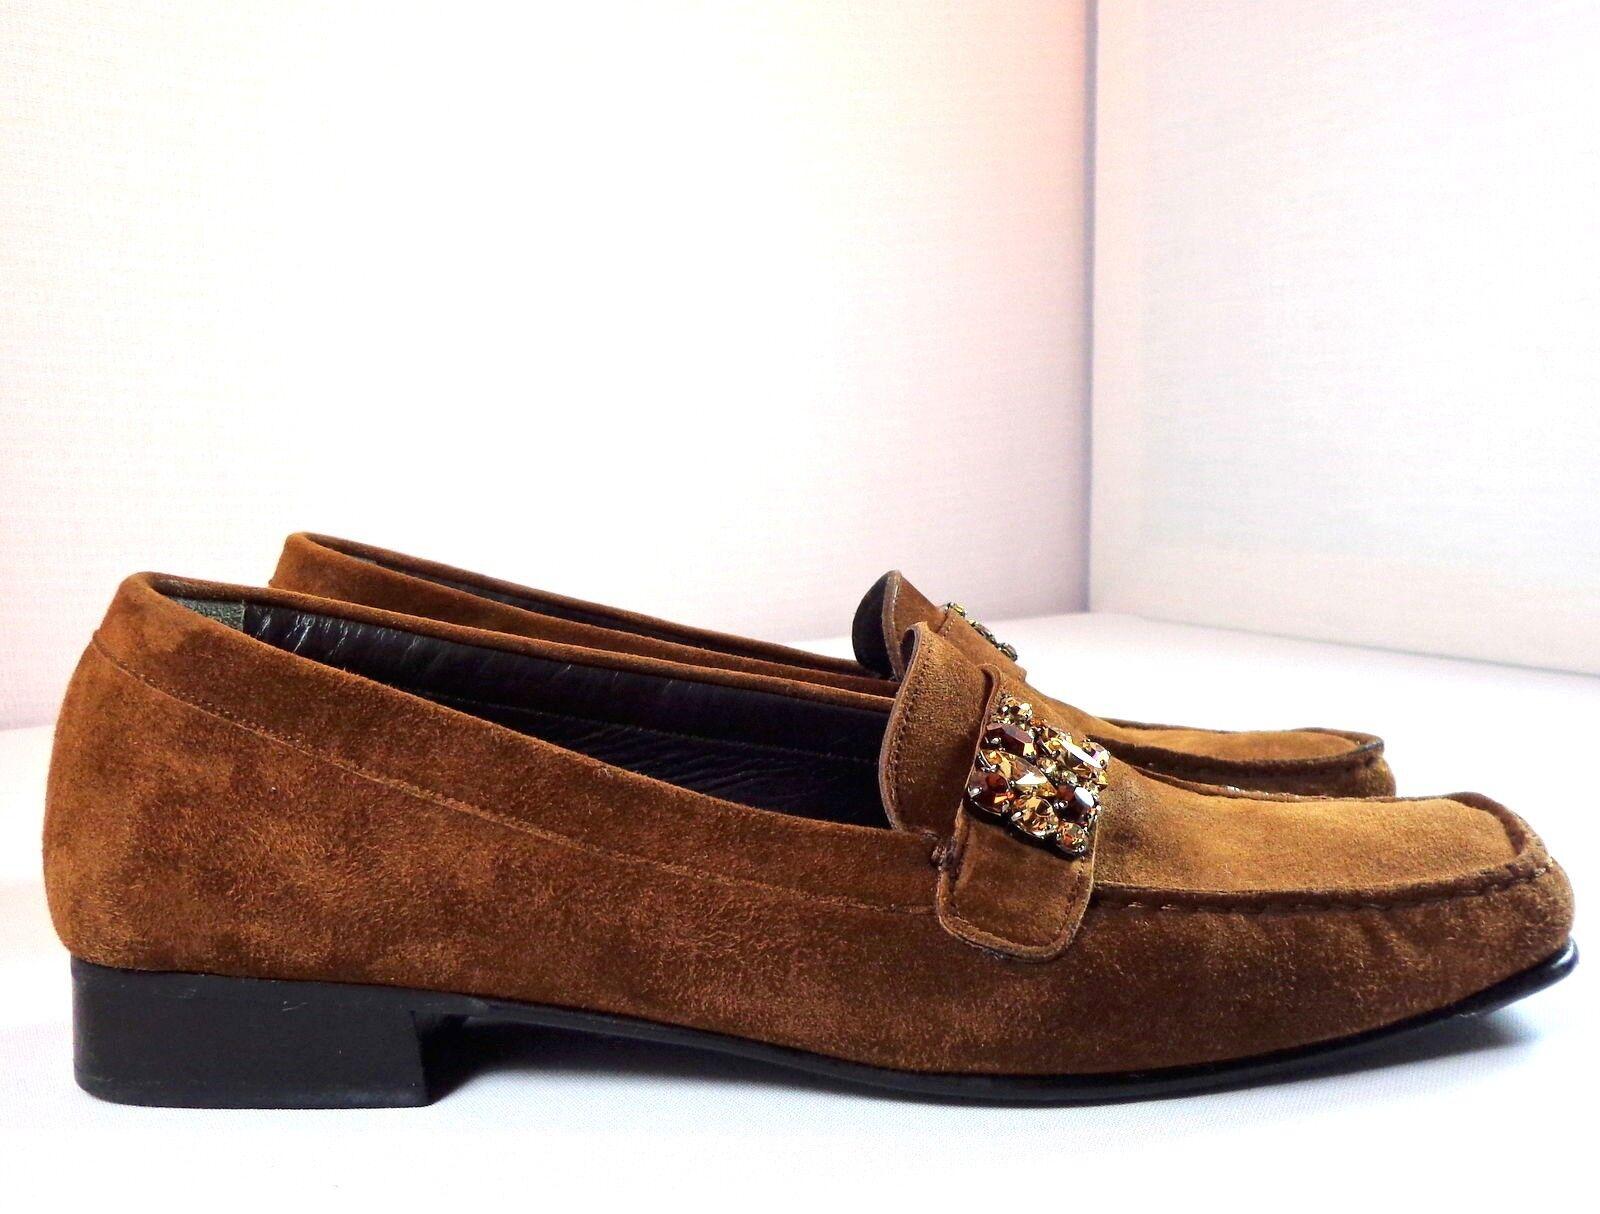 Stuart Weitzman Damenschuhe Braun Suede Loafers Größe 9.5 9.5 9.5 M Embellished Schuhes 4636ac